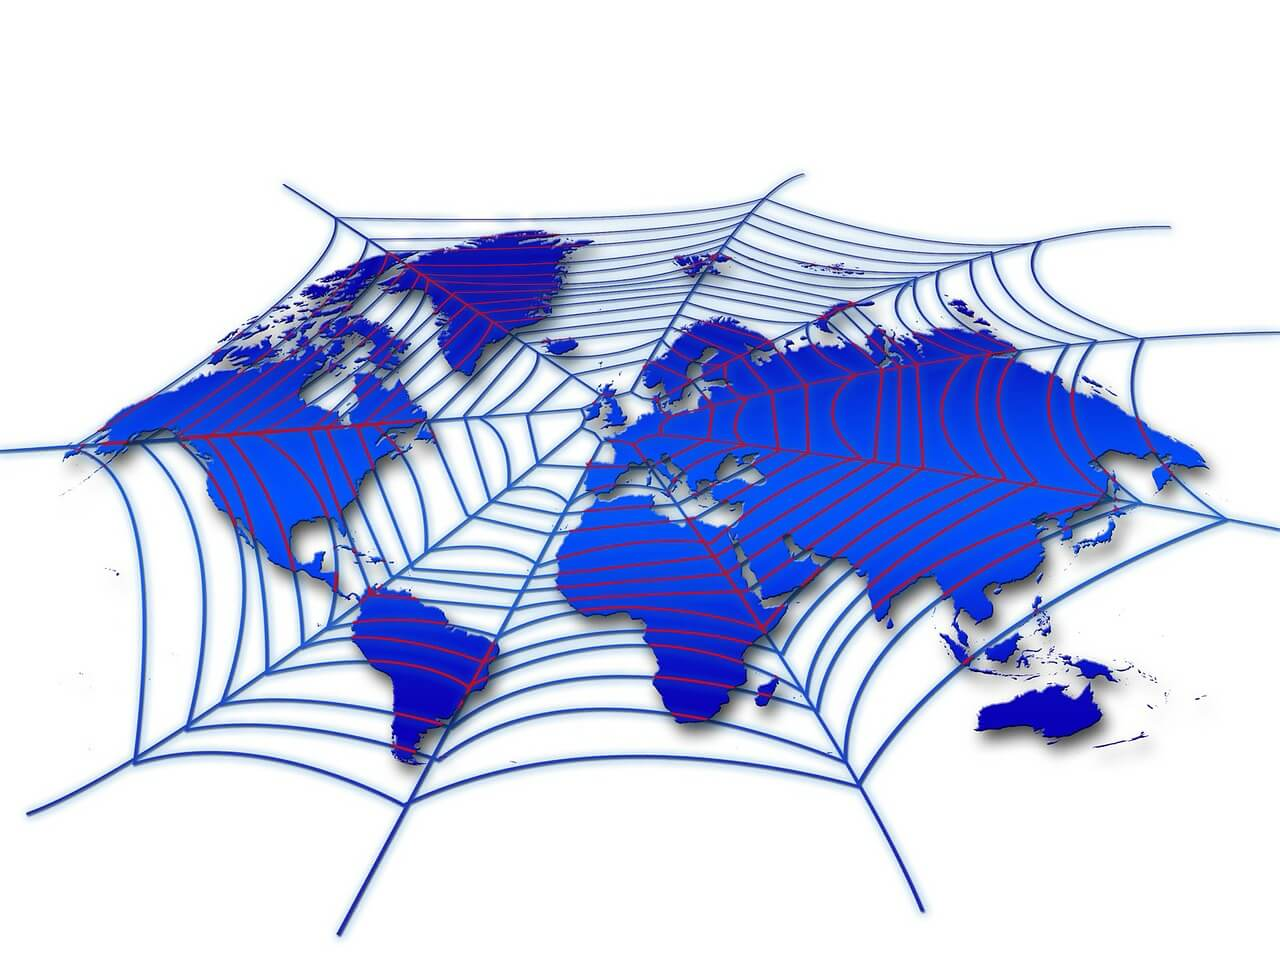 Spinnennetz über der Weltkarte (Metapher für Crawler)